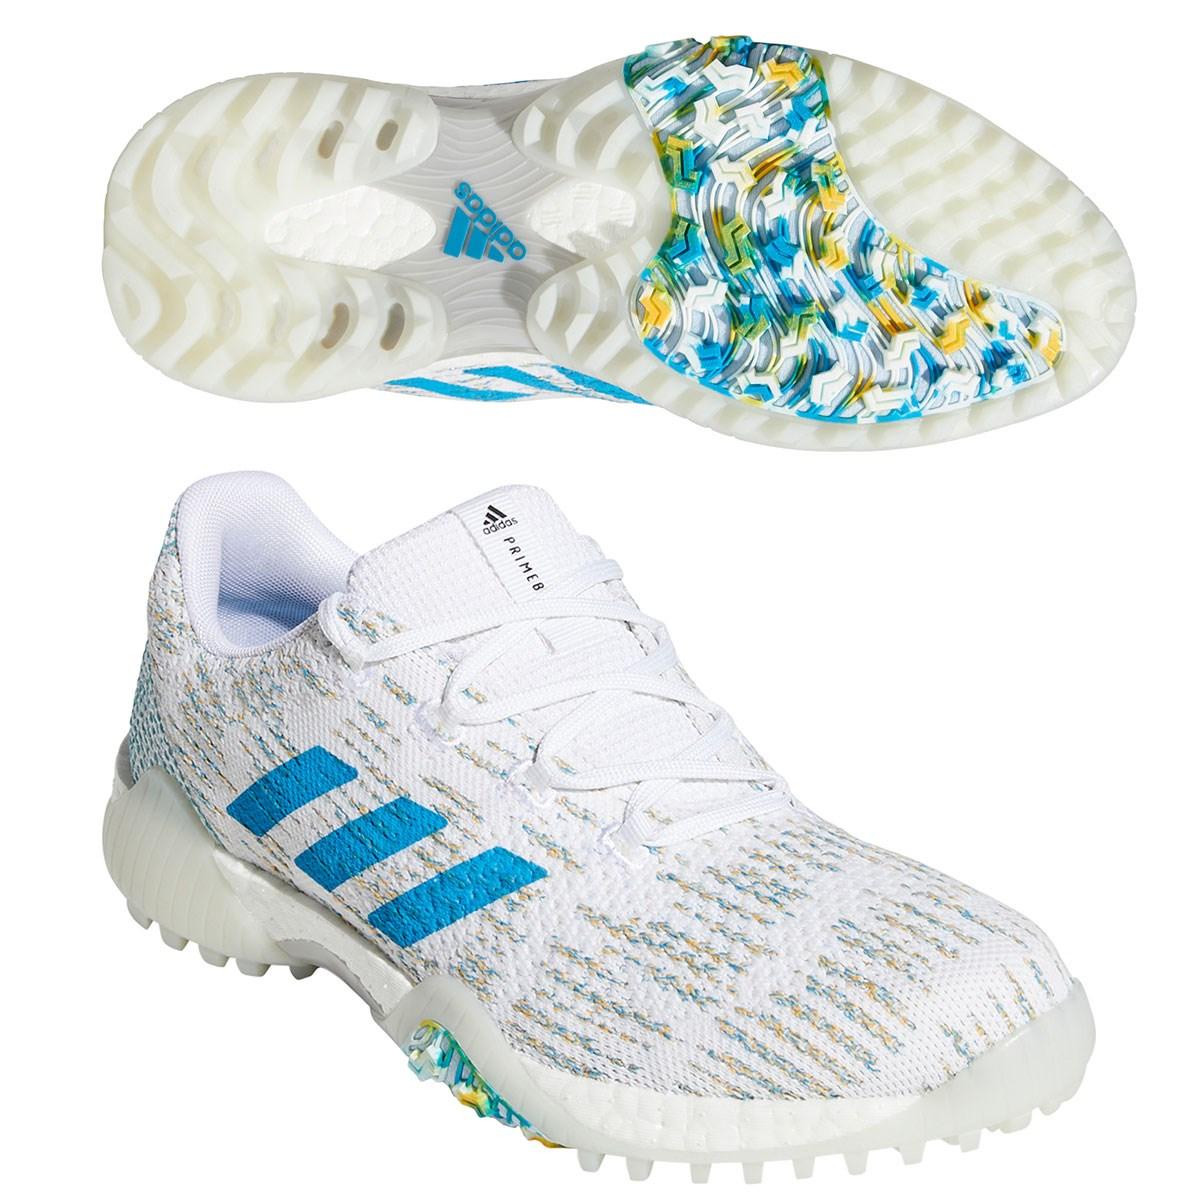 アディダス(adidas) コードカオス プライムブルー シューズレディス